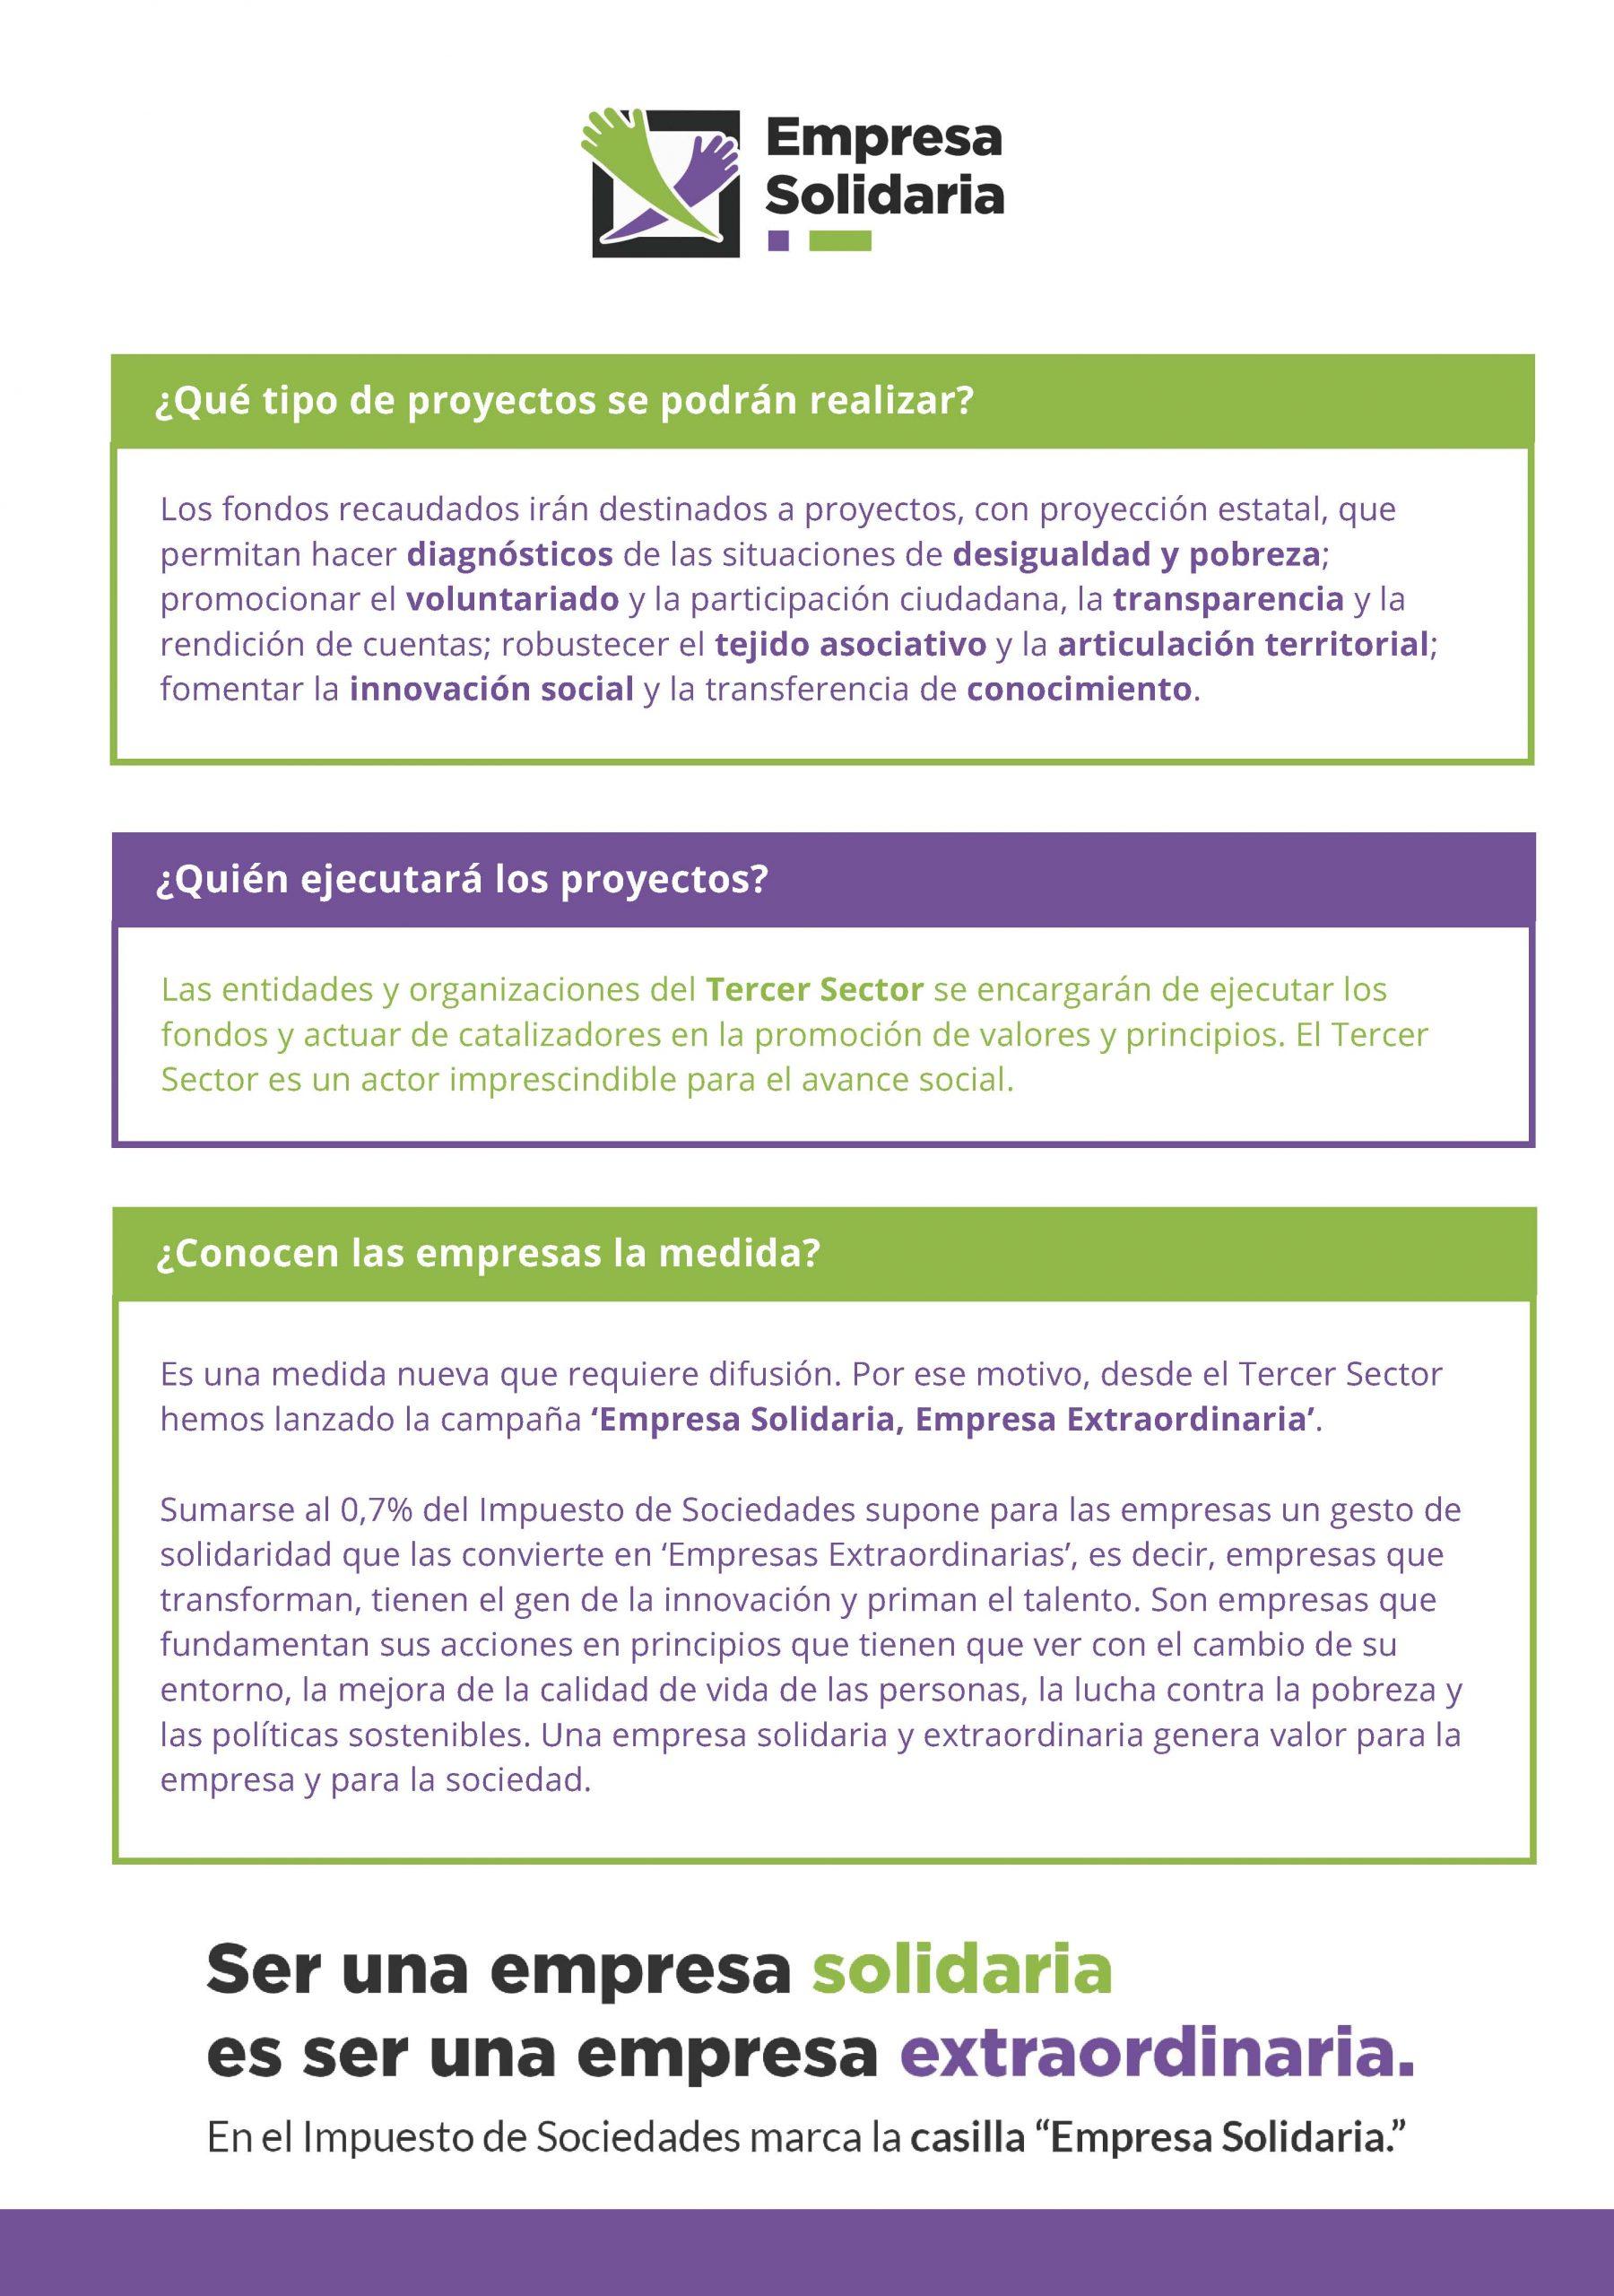 informacio_n sobre el 0,7del impuesto de sociedades_pagina_3.jpg